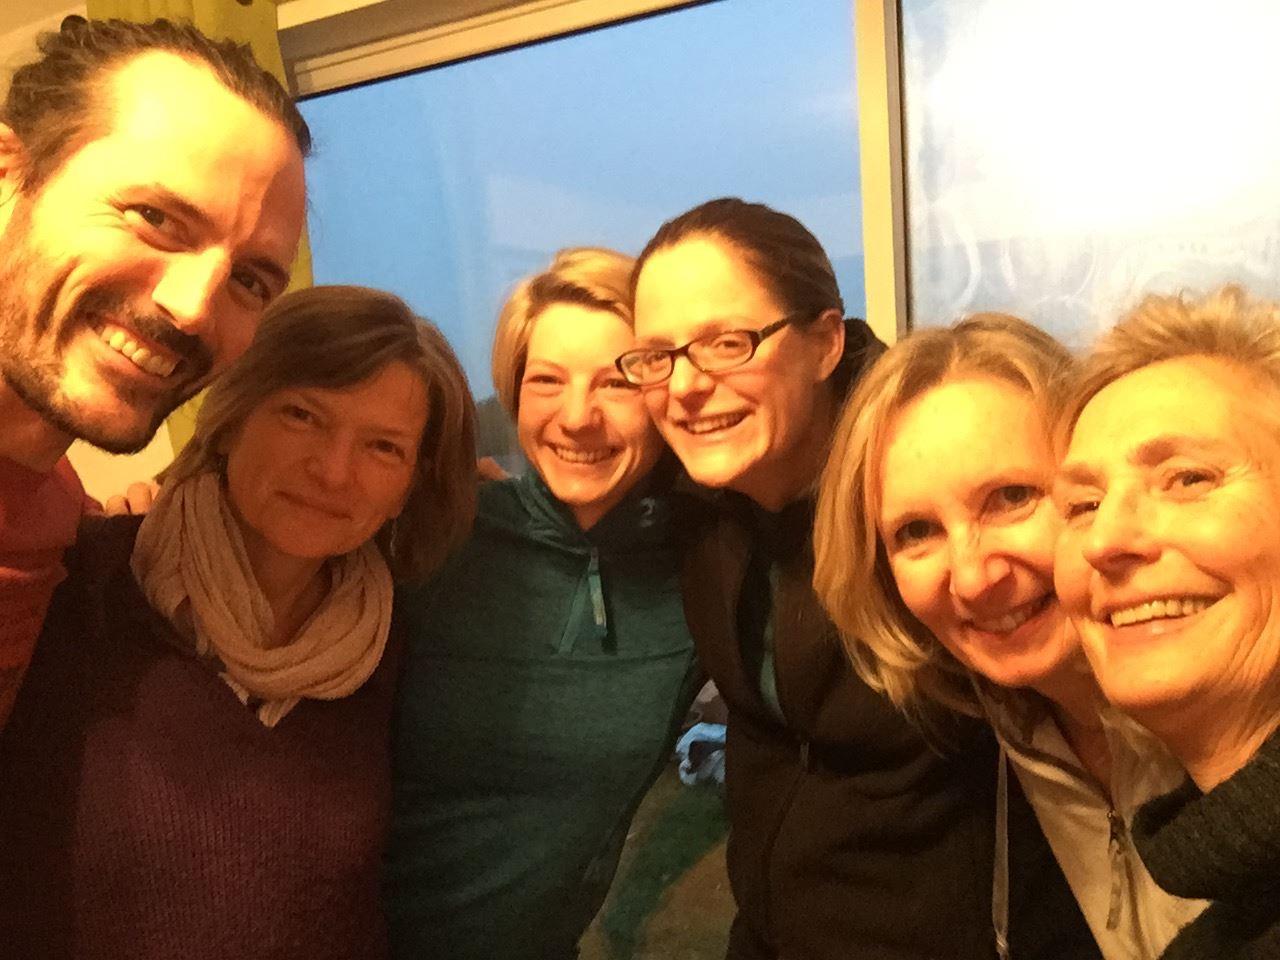 Level 1 Group: Sarah, Naomi, Jen, Jackie, Wanna